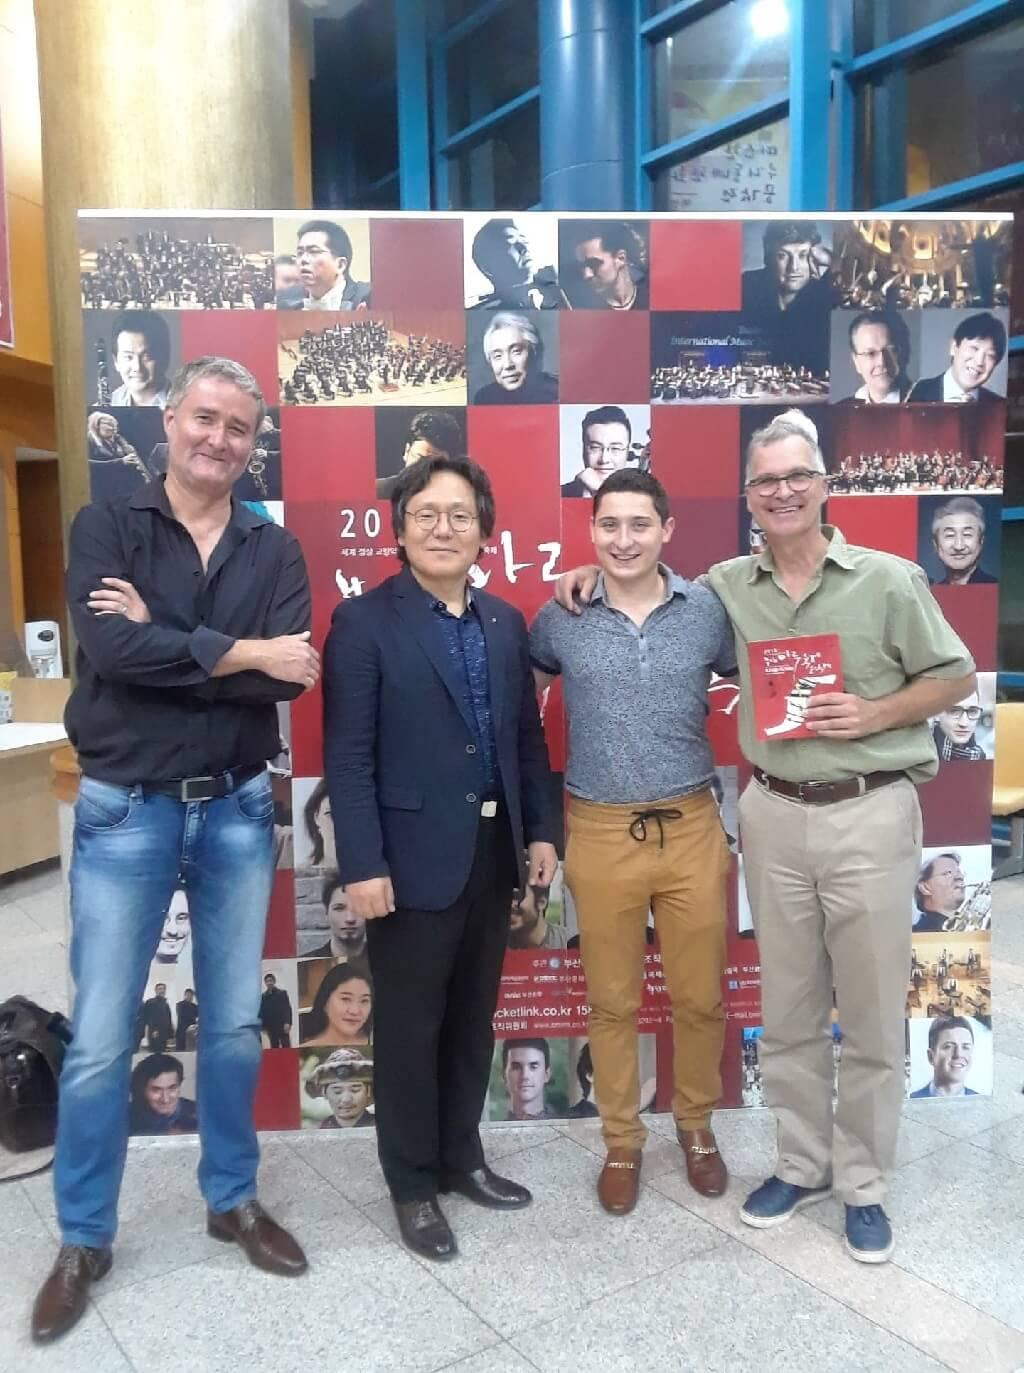 De gauche à droite: Simon Bertrand, compositeur, Jin Hyoun Baek, directeur du Festival international de musique de Busan Maru, Alexis Pitkevicht, directeur général de l'OF, et Ivan Lefebvre, directeur administratif de l'OF. (Photo: Caroline Rodgers)